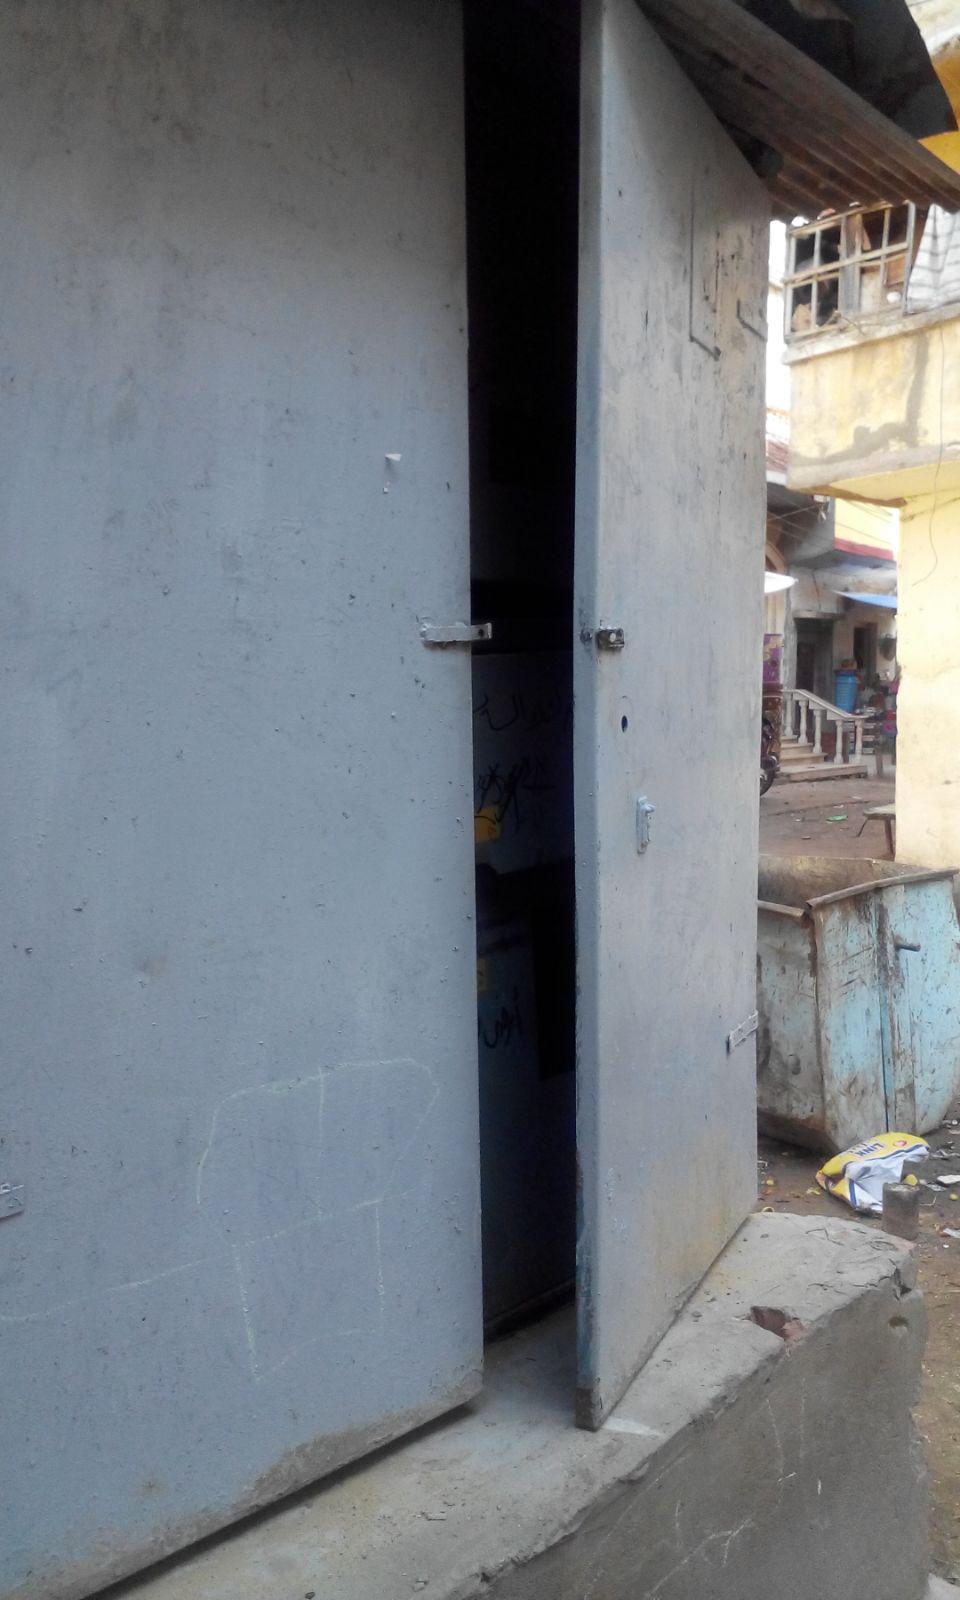 انفجارات متكررة لمحول كهرباء في مطوبس بكفر الشيخ تثير ذعر الأهالي